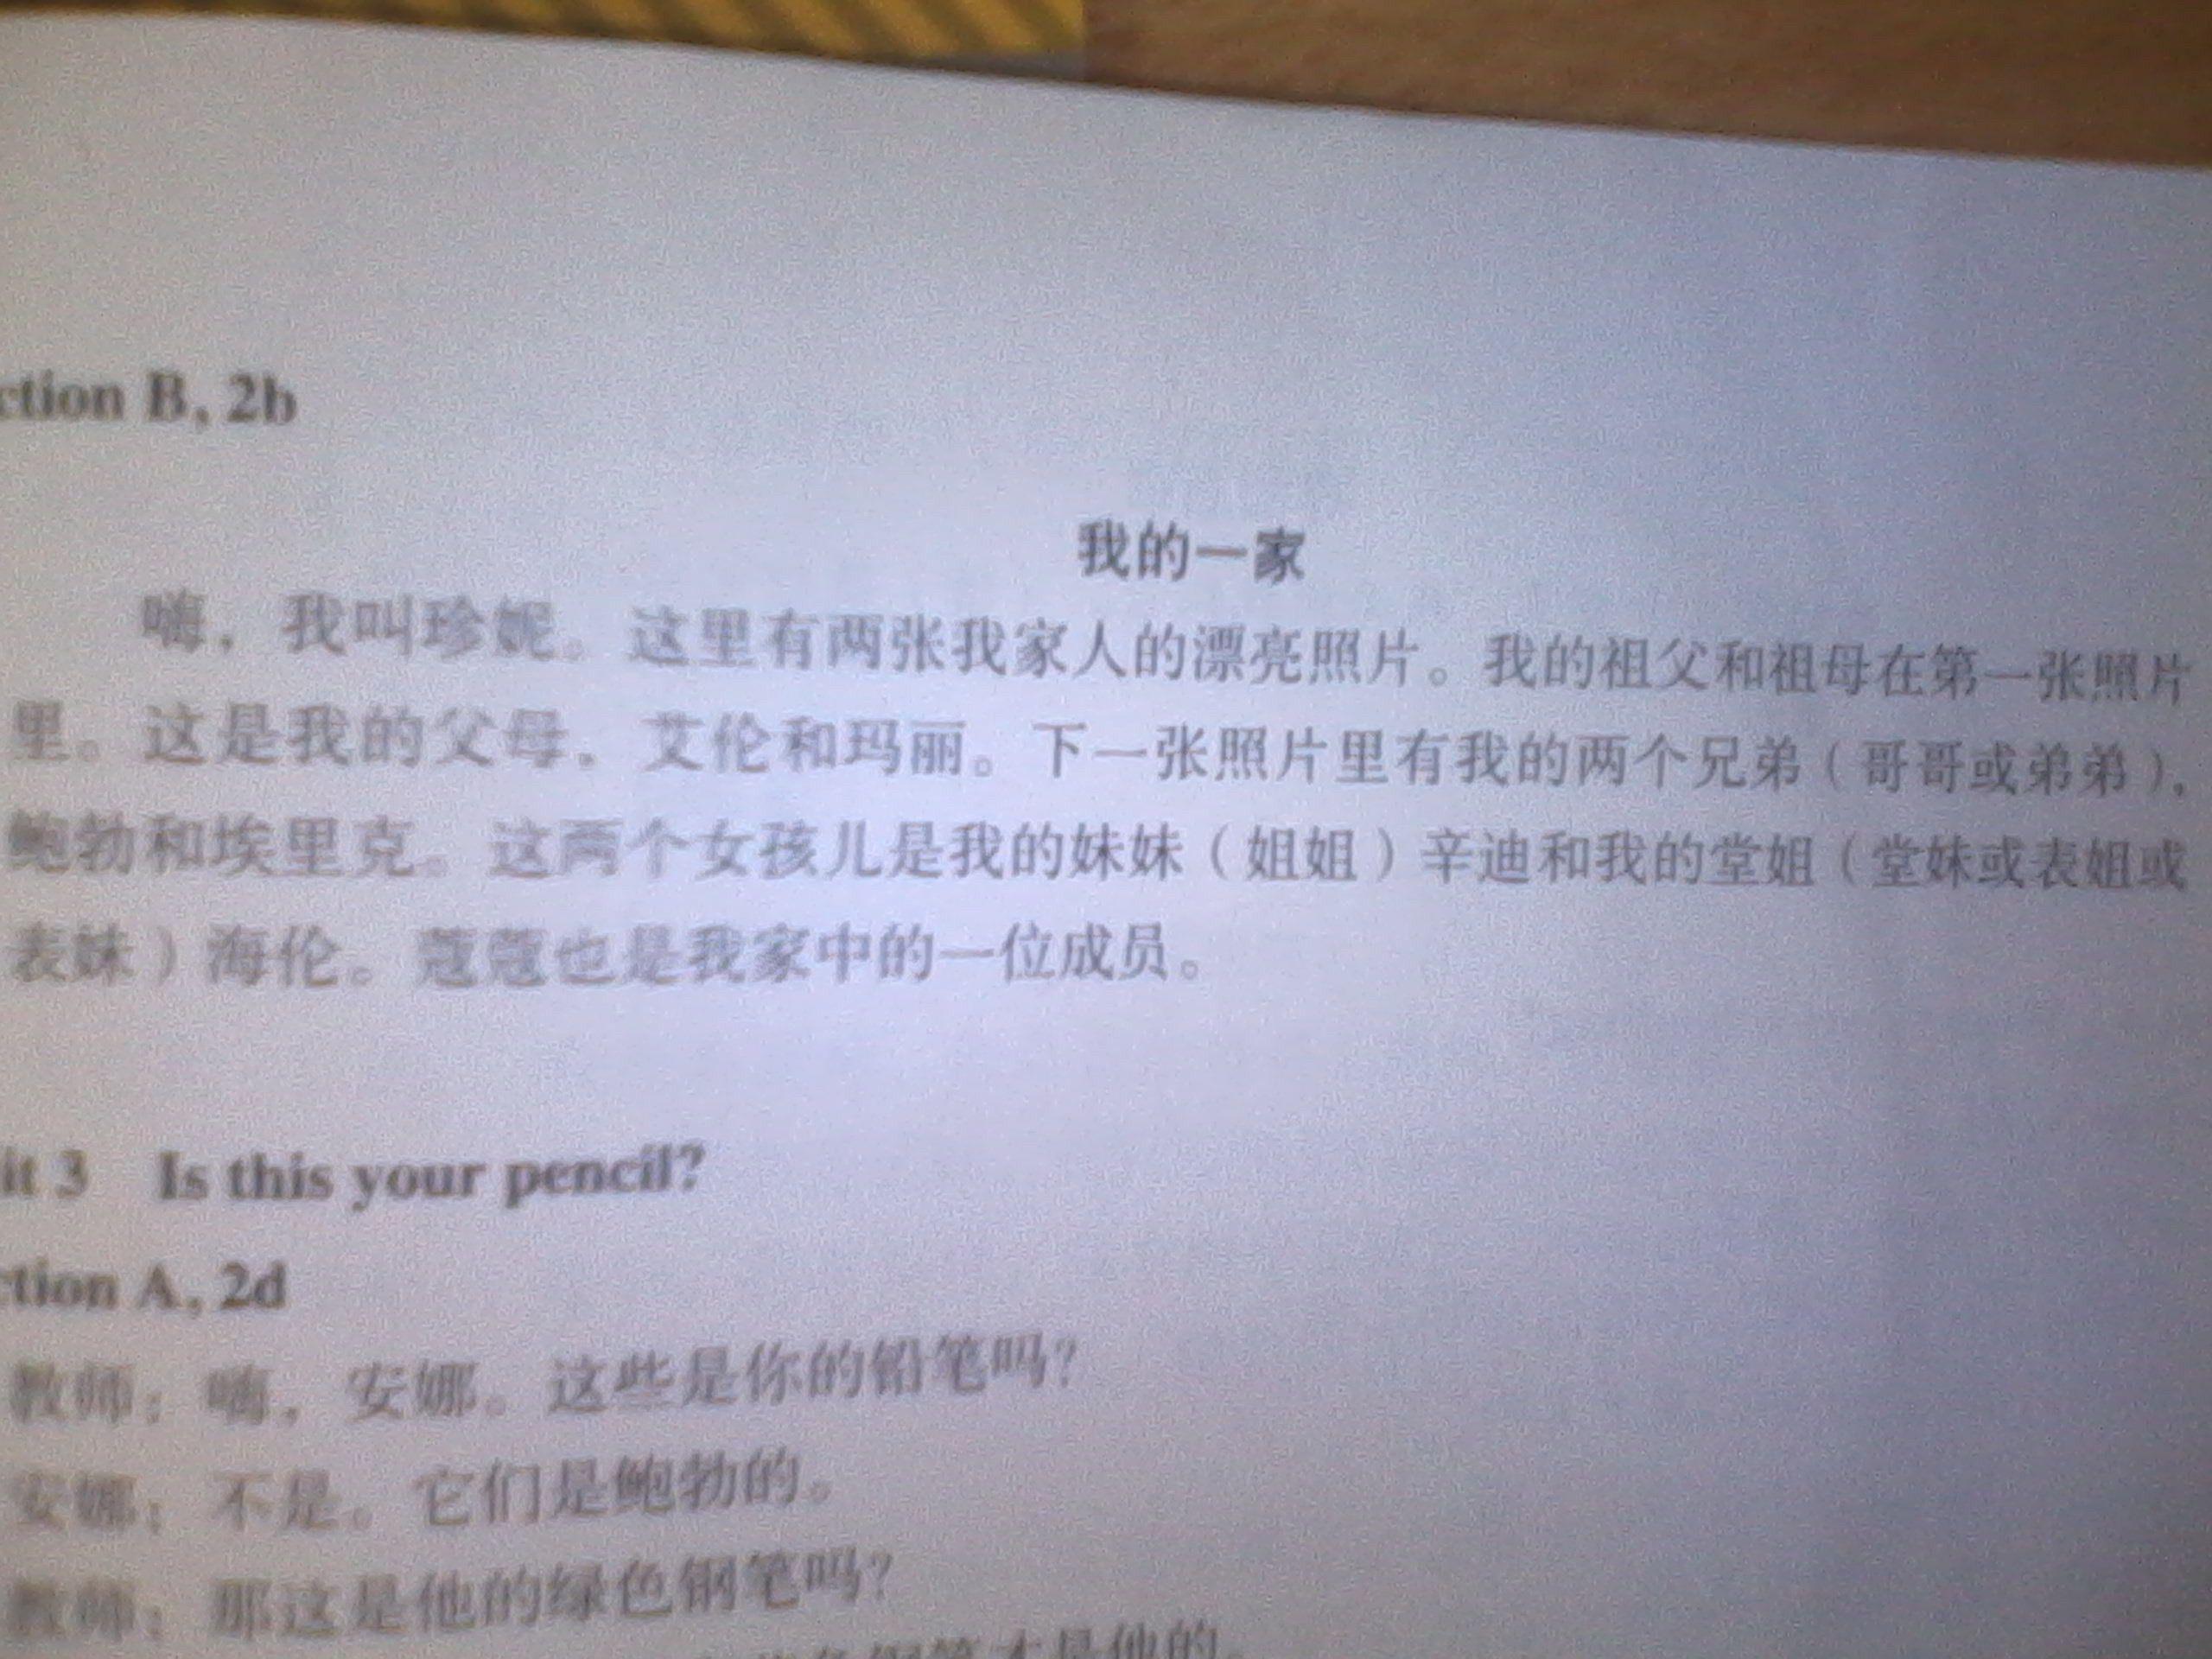 仁爱英语七年级下册 初中七年级英语 七年级下册英语课本高清图片